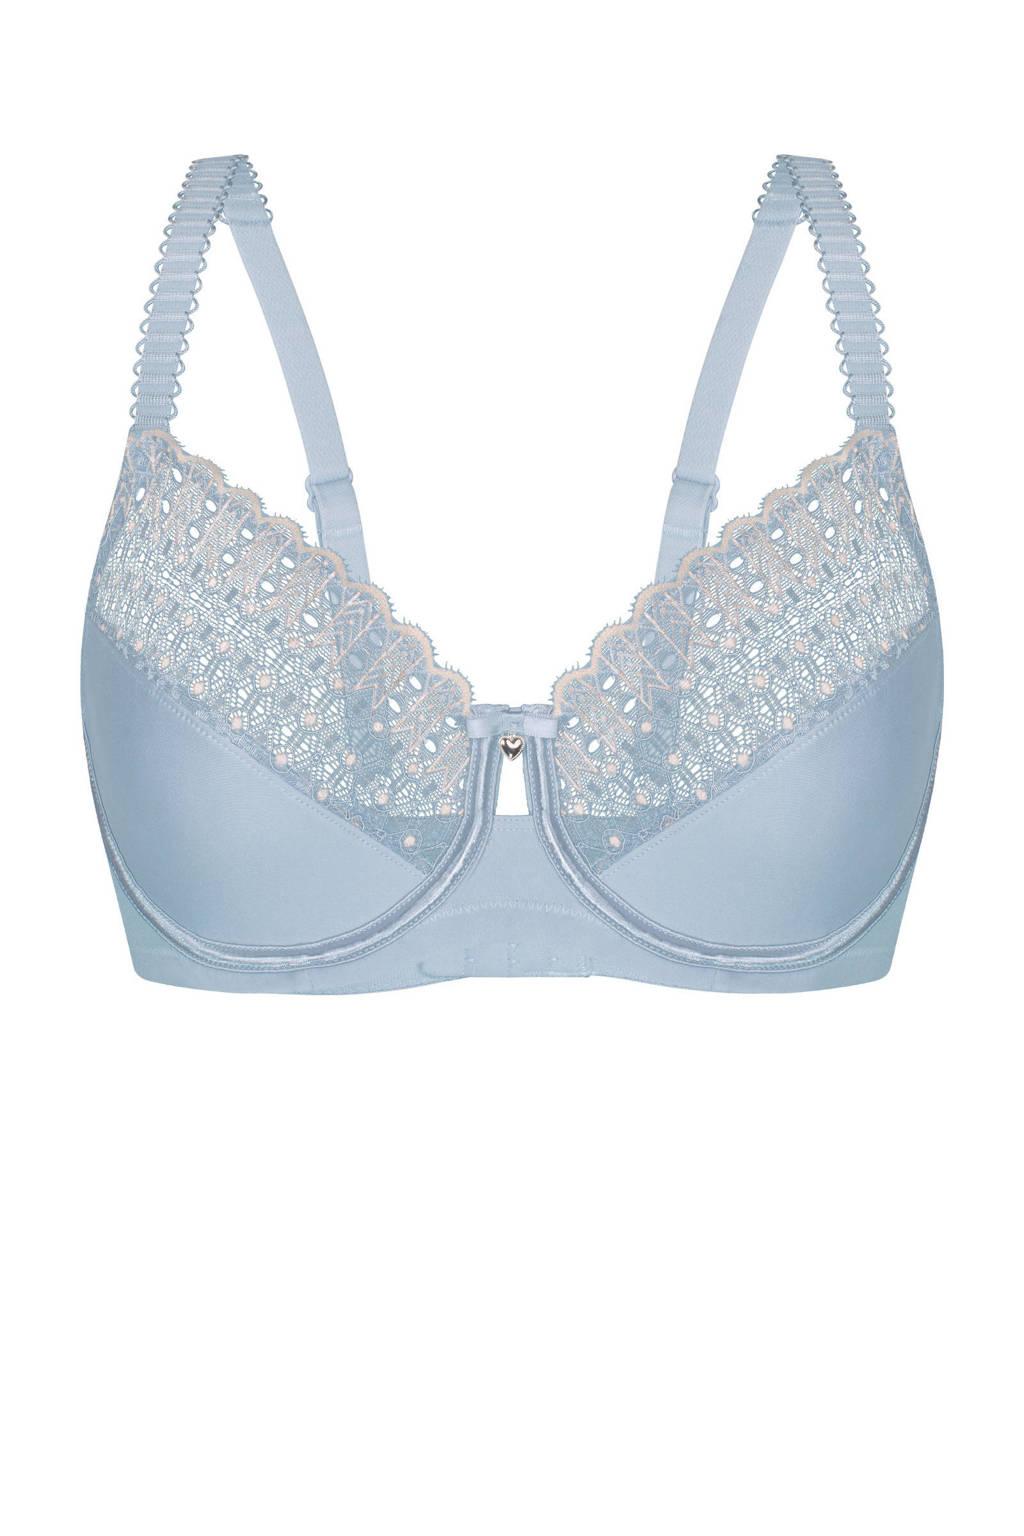 Sassa Mode beugelbh Lovely Secret lichtblauw, Lichtblauw